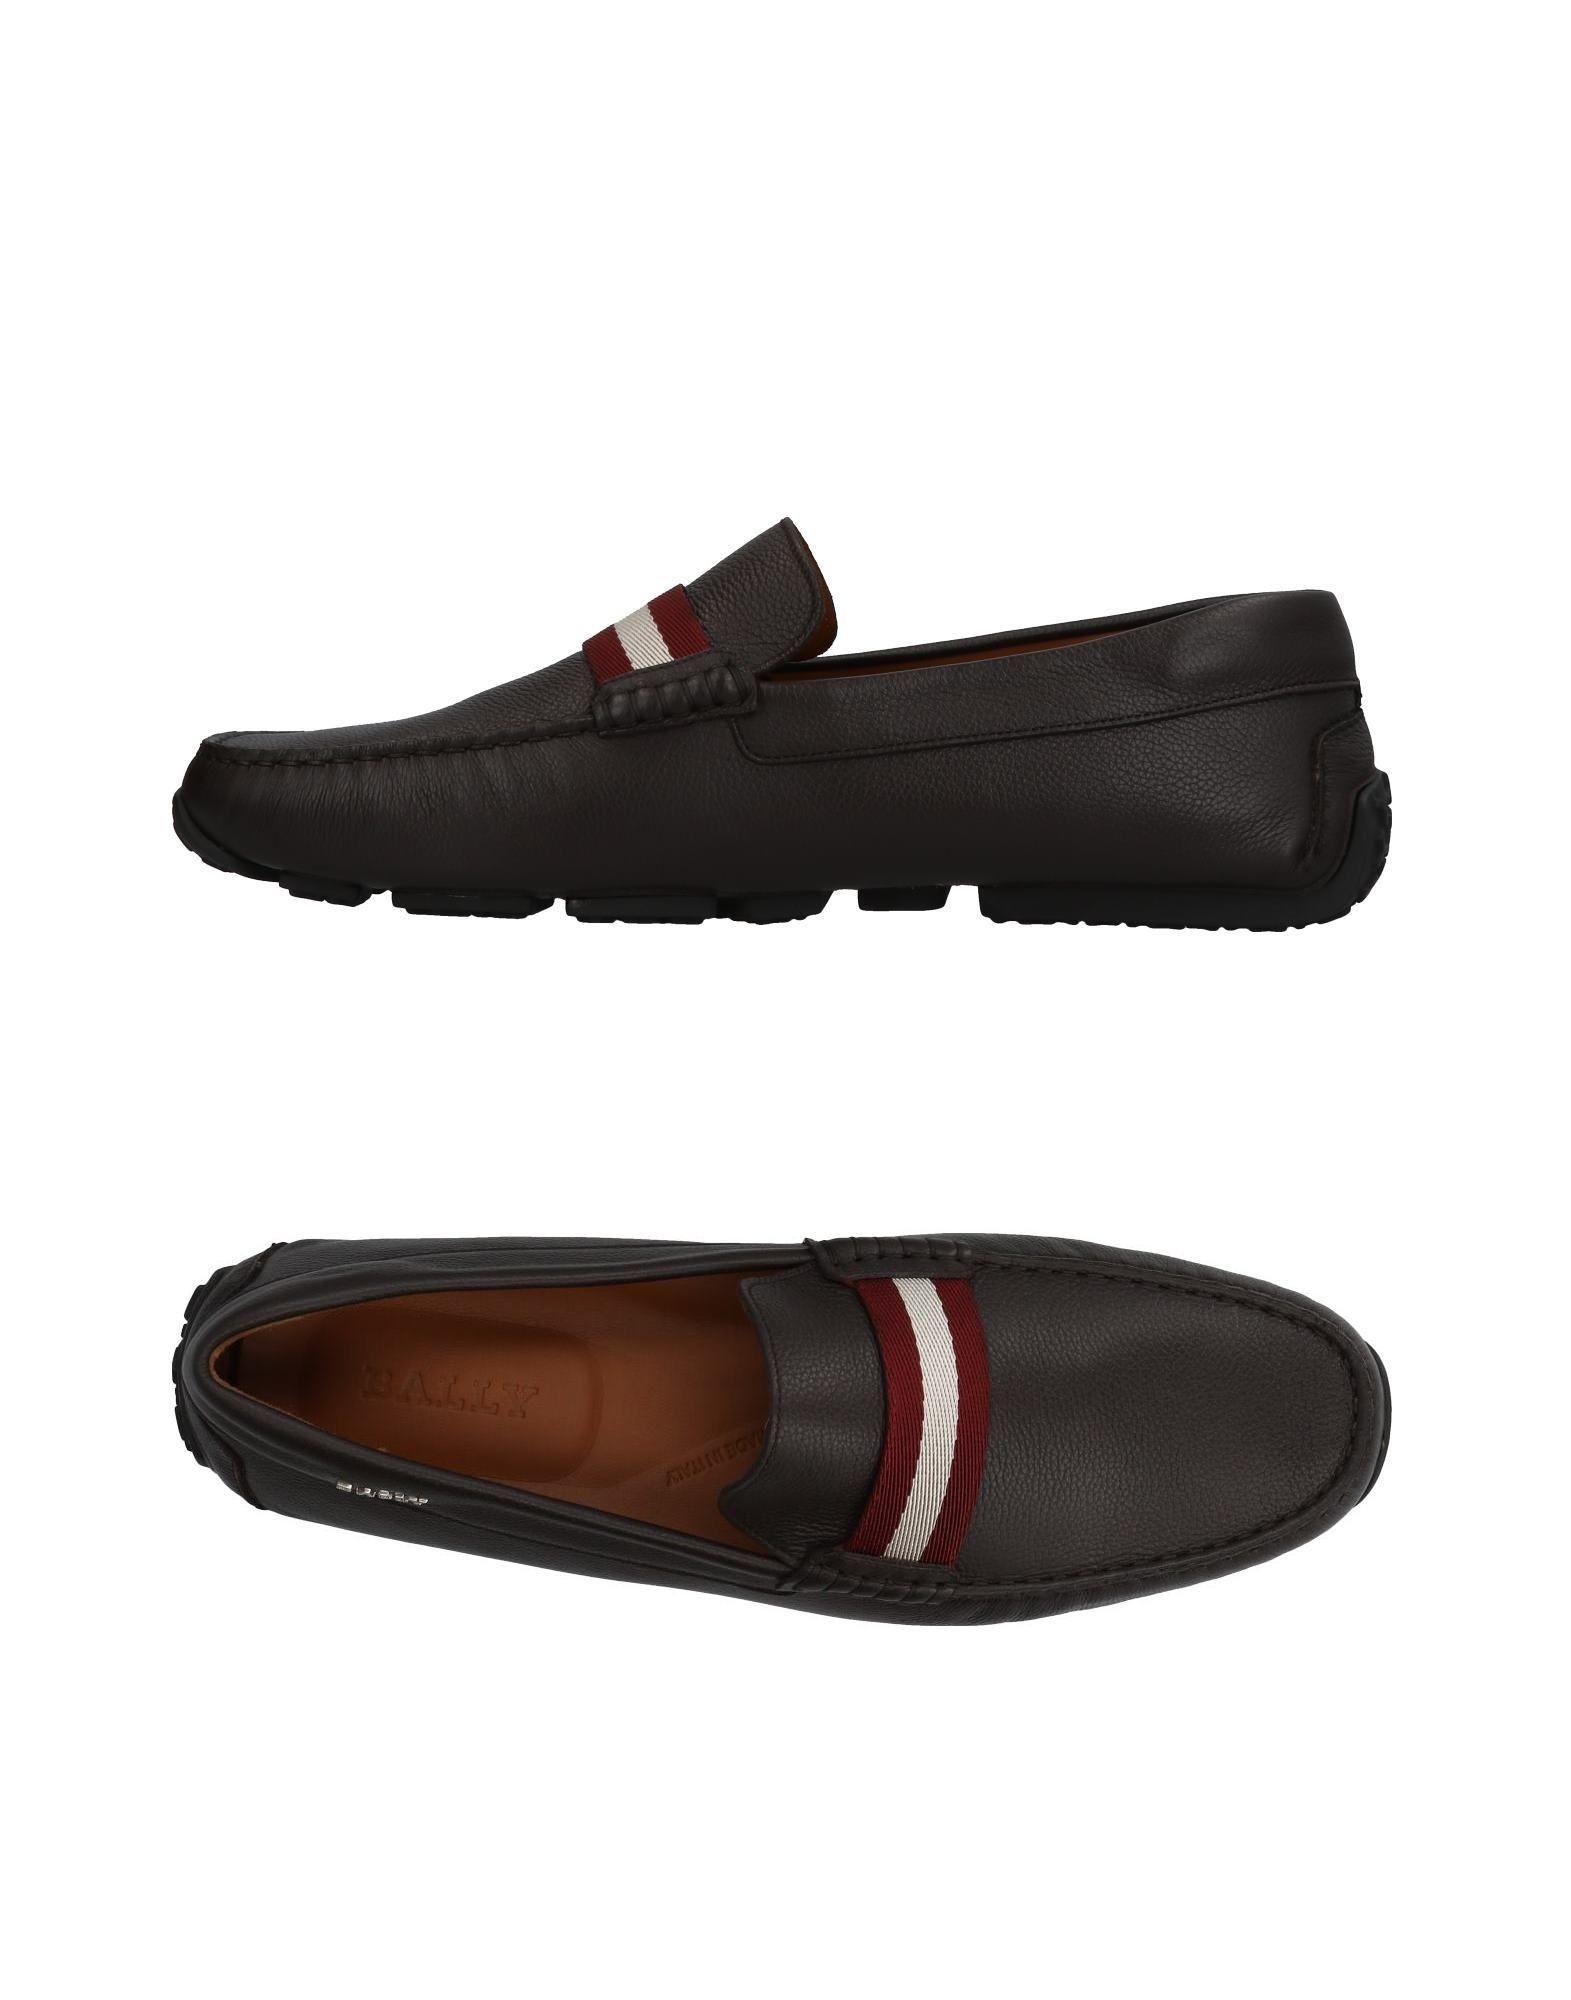 Bally Mokassins Herren  11422091LN Gute Qualität beliebte Schuhe